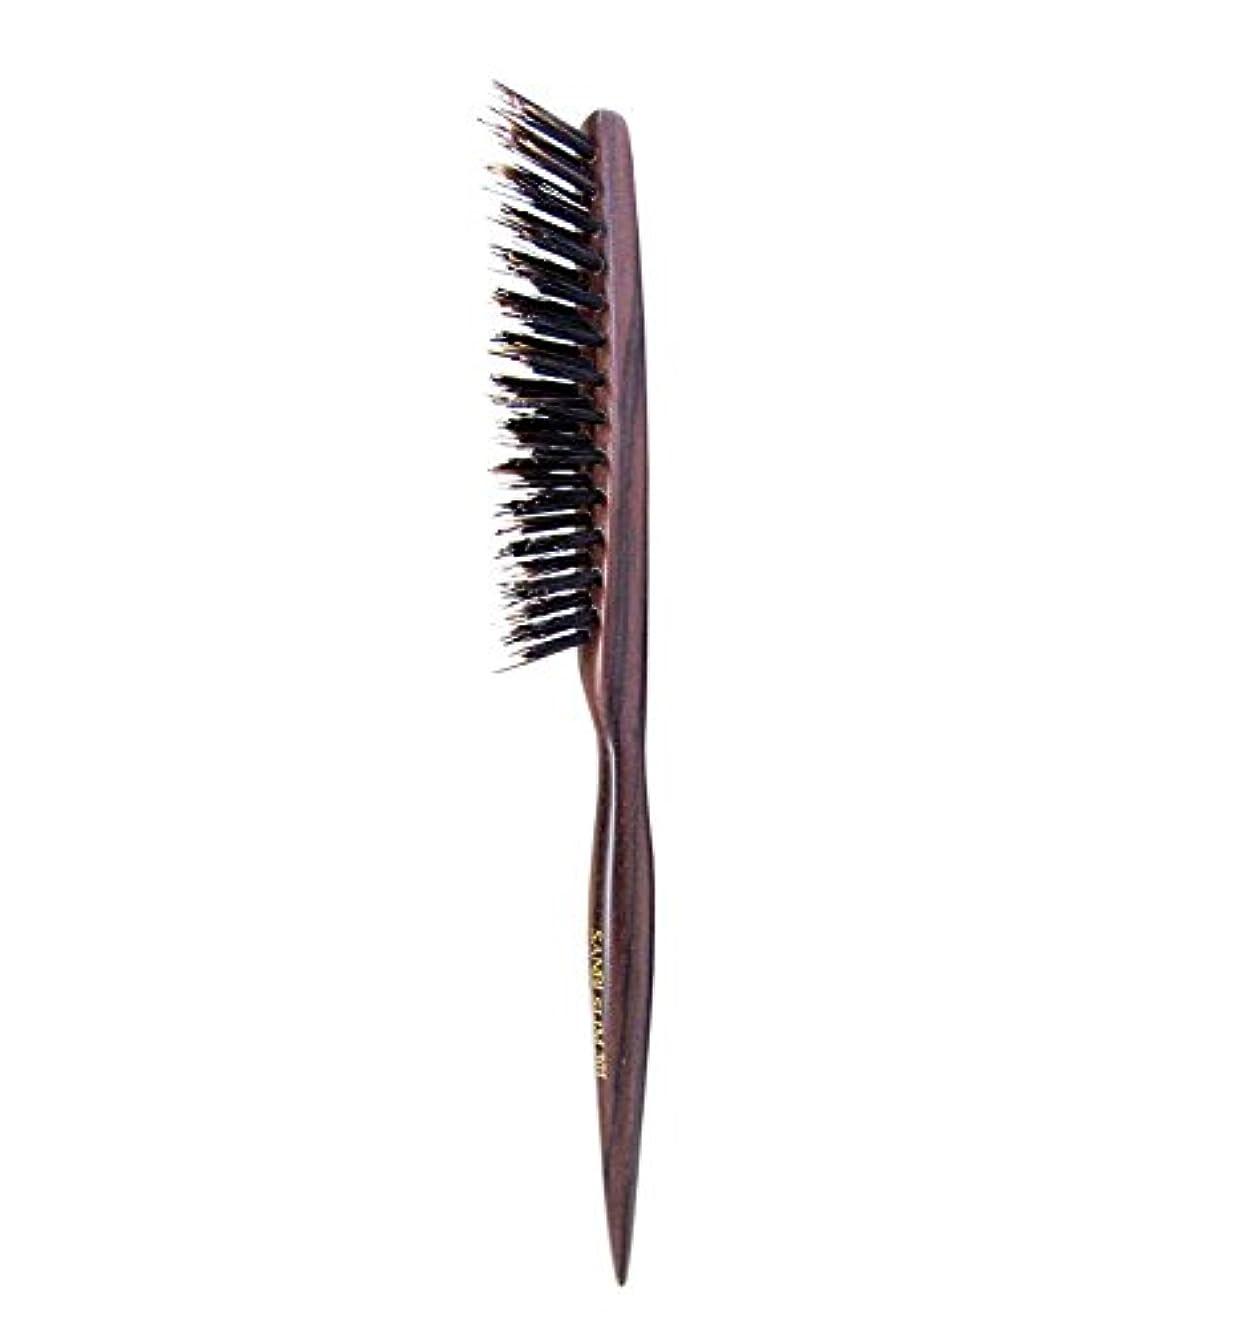 キネマティクス広告する書き込みサンビー SLIM-301逆毛ブラシ